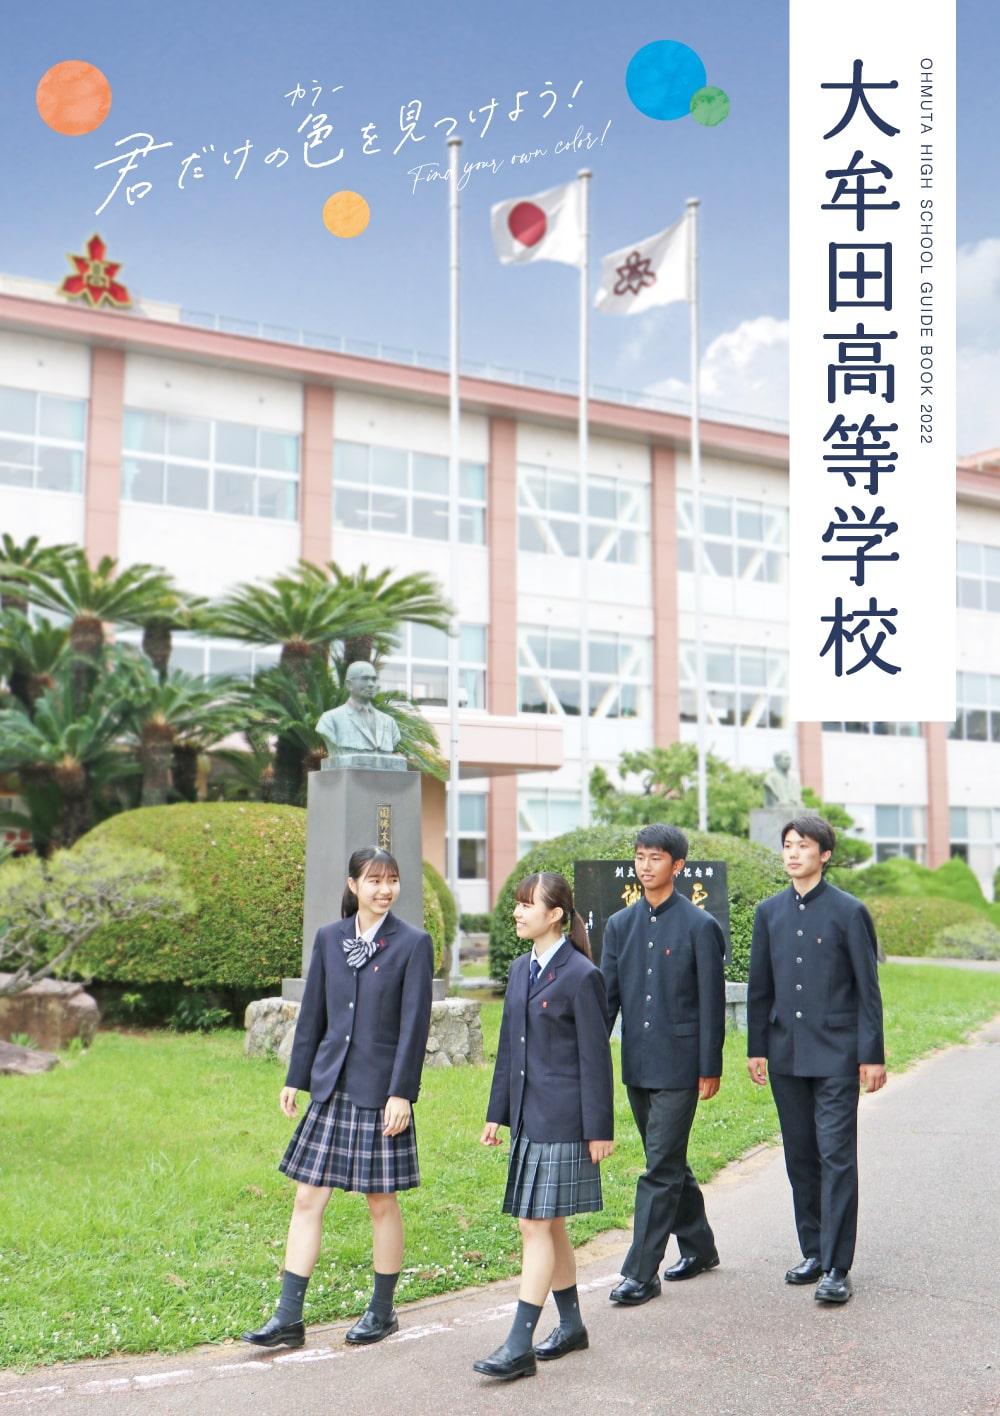 大牟田学園高等学校2022パンフレット